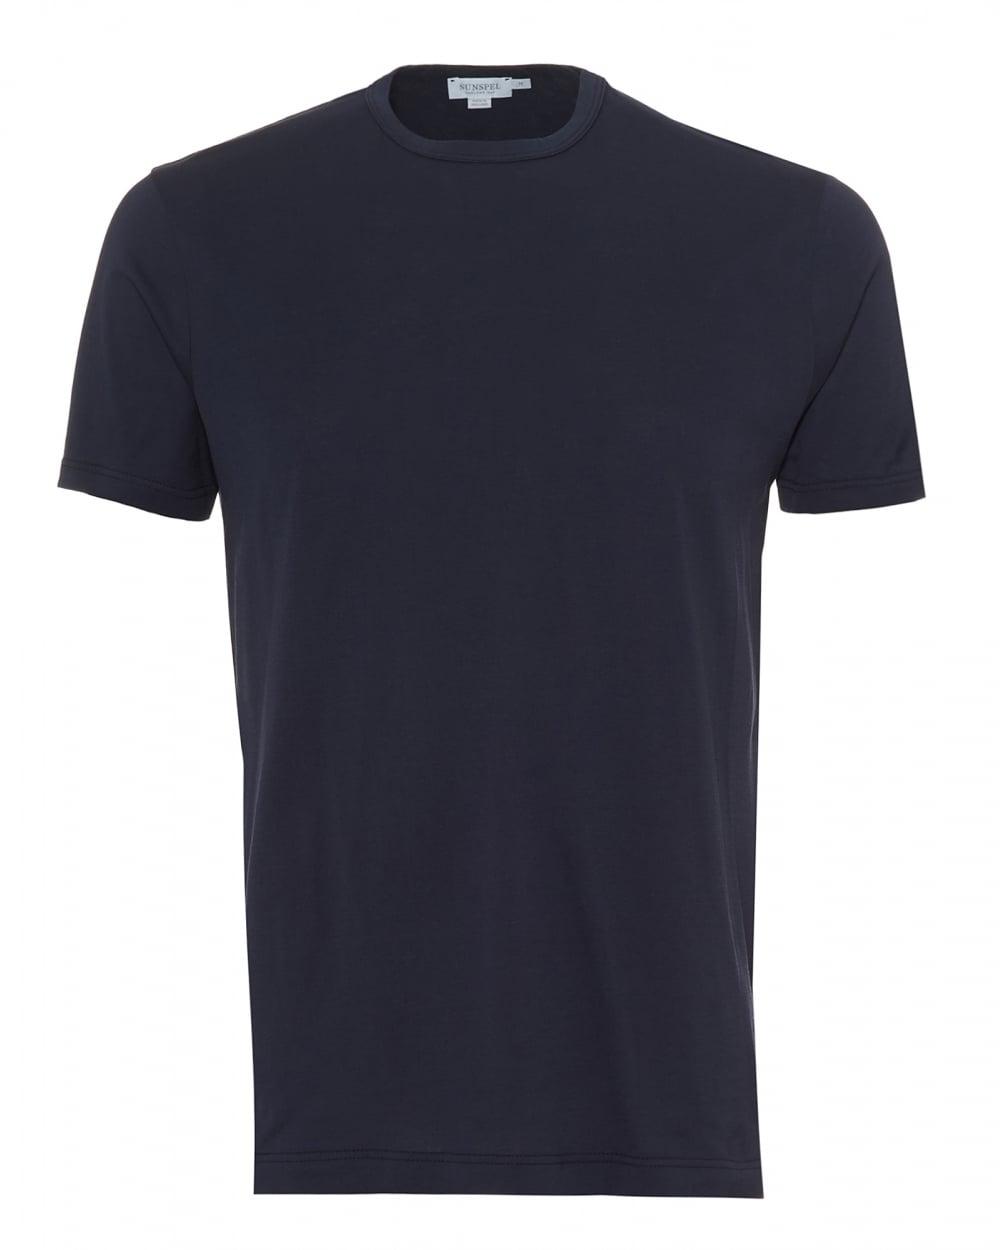 Sunspel Mens Plain T-Shirt, 100% Cotton Navy Blue Tee